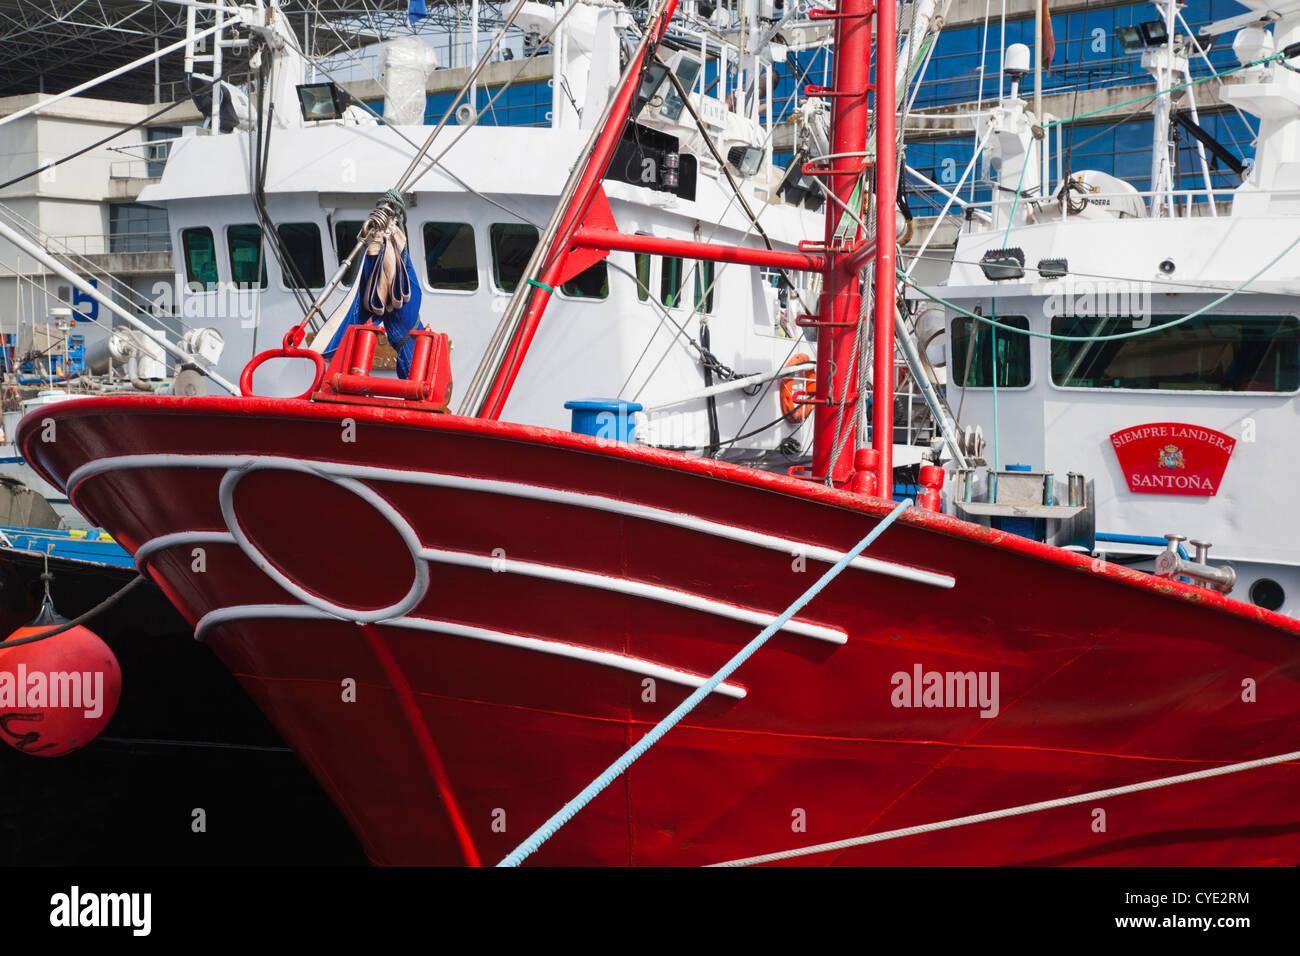 Spain, Cantabria Region, Cantabria Province, Santona, fishing fleet Stock Photo